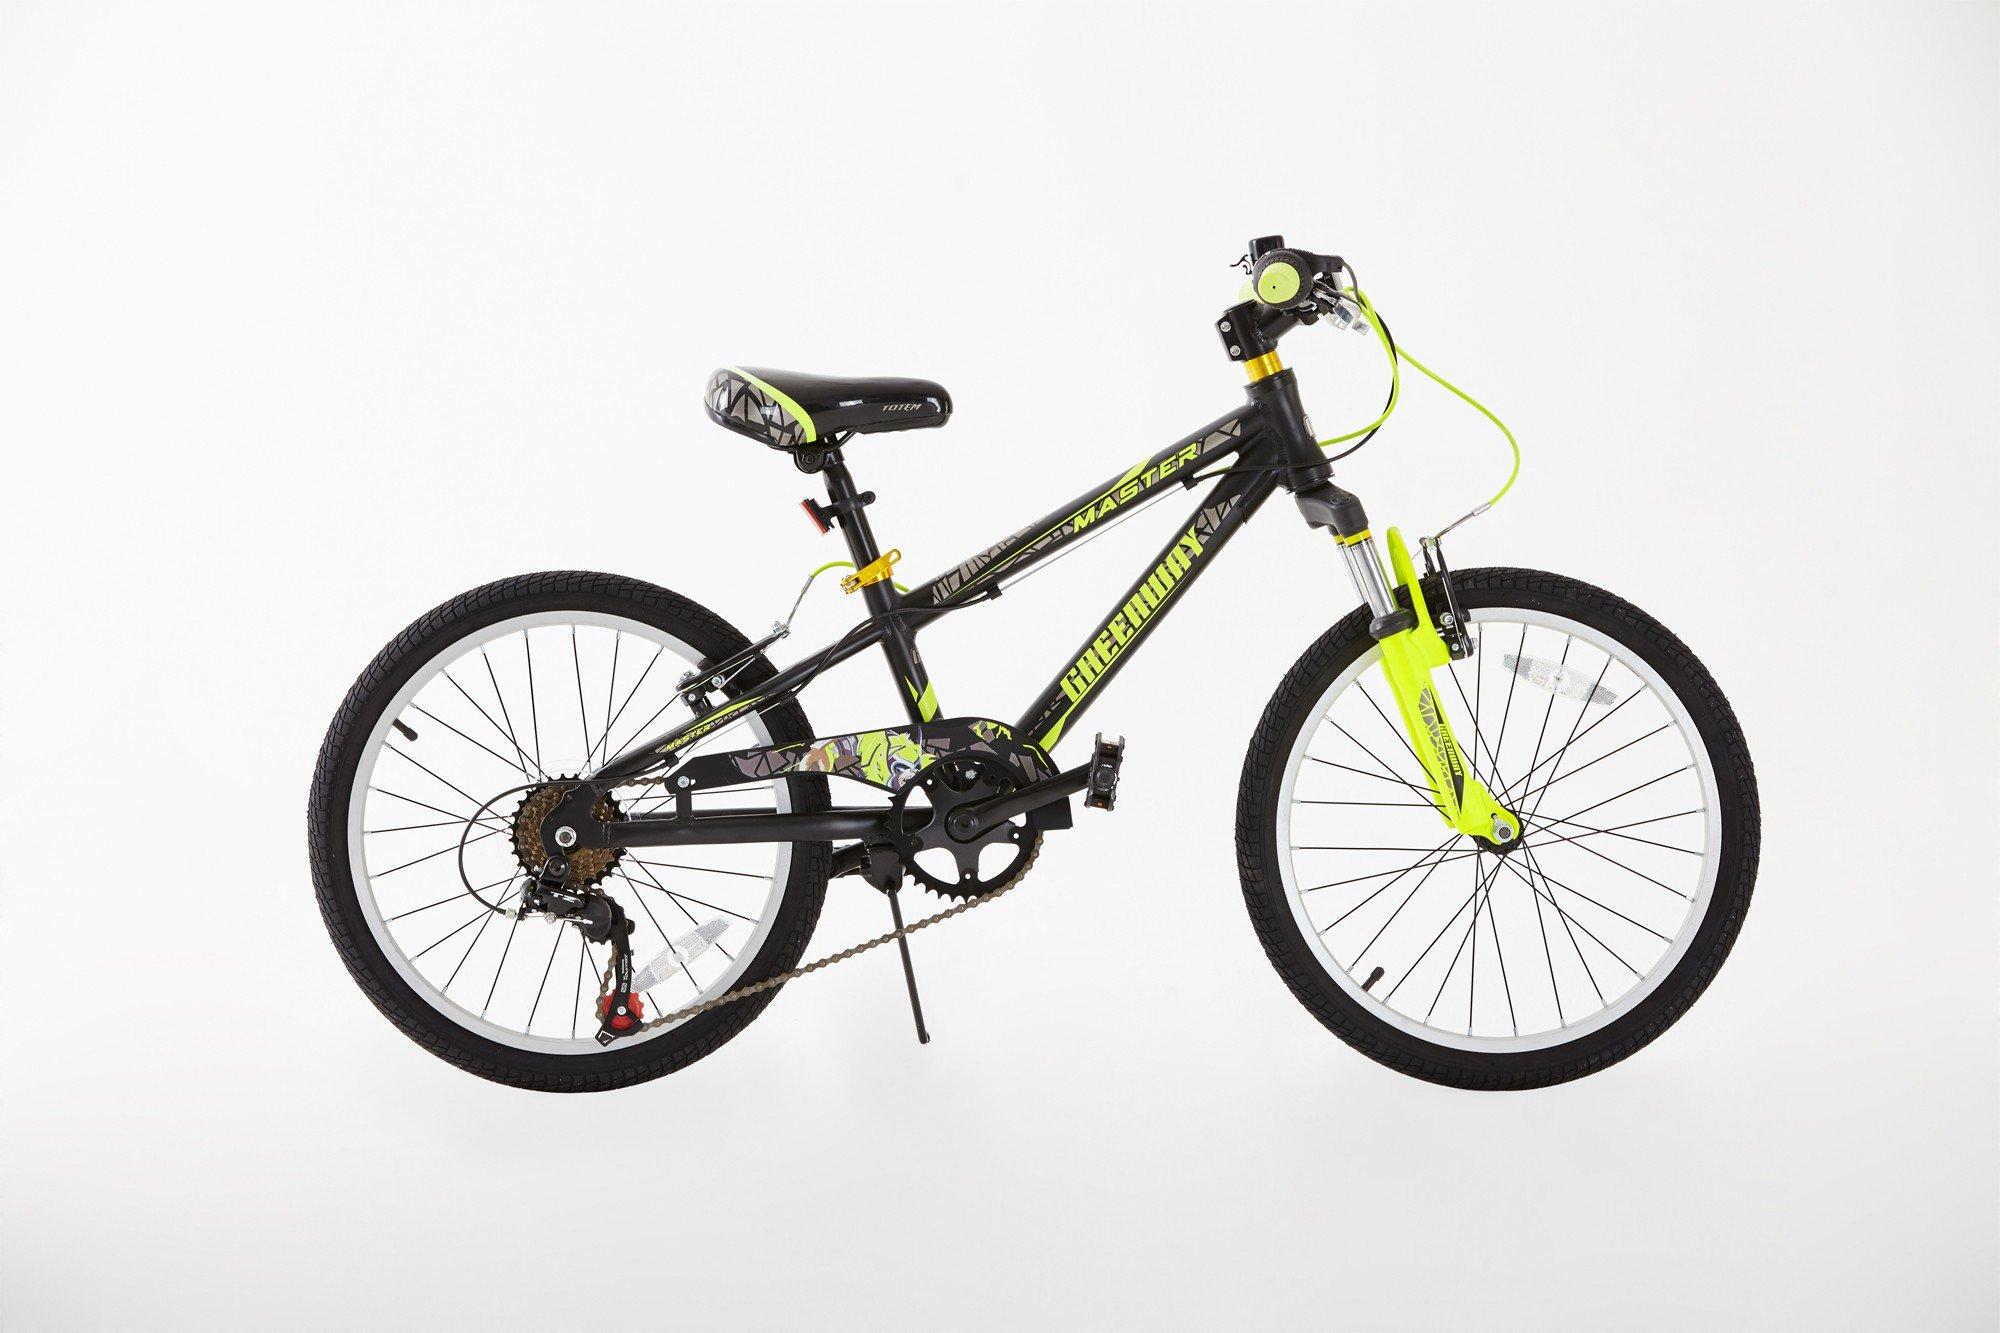 Bicicleta Infantil de AleaciÓN Aluminio con Cambios Shimano Para NiÑOs de 5 a 12 AÑOs, Rueda de 20 Pulgadas: Amazon.es: Deportes y aire libre